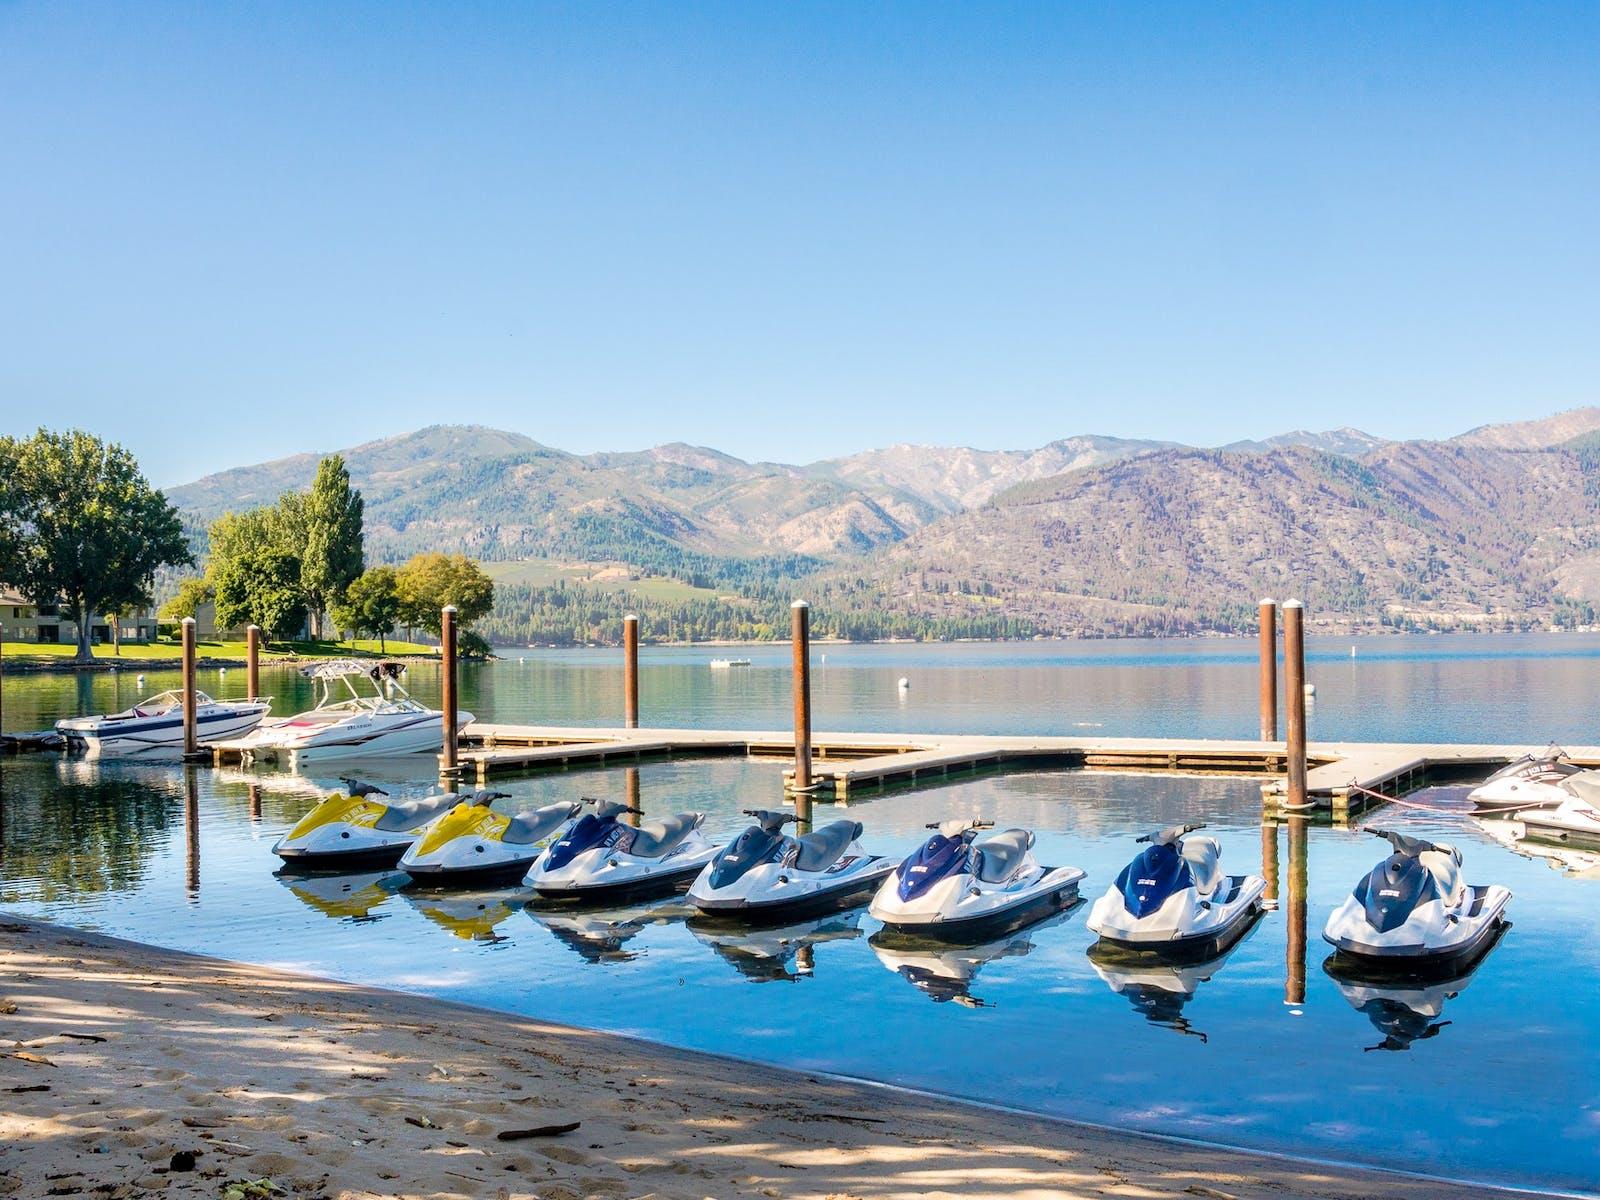 Jet skis in Lake Chelan